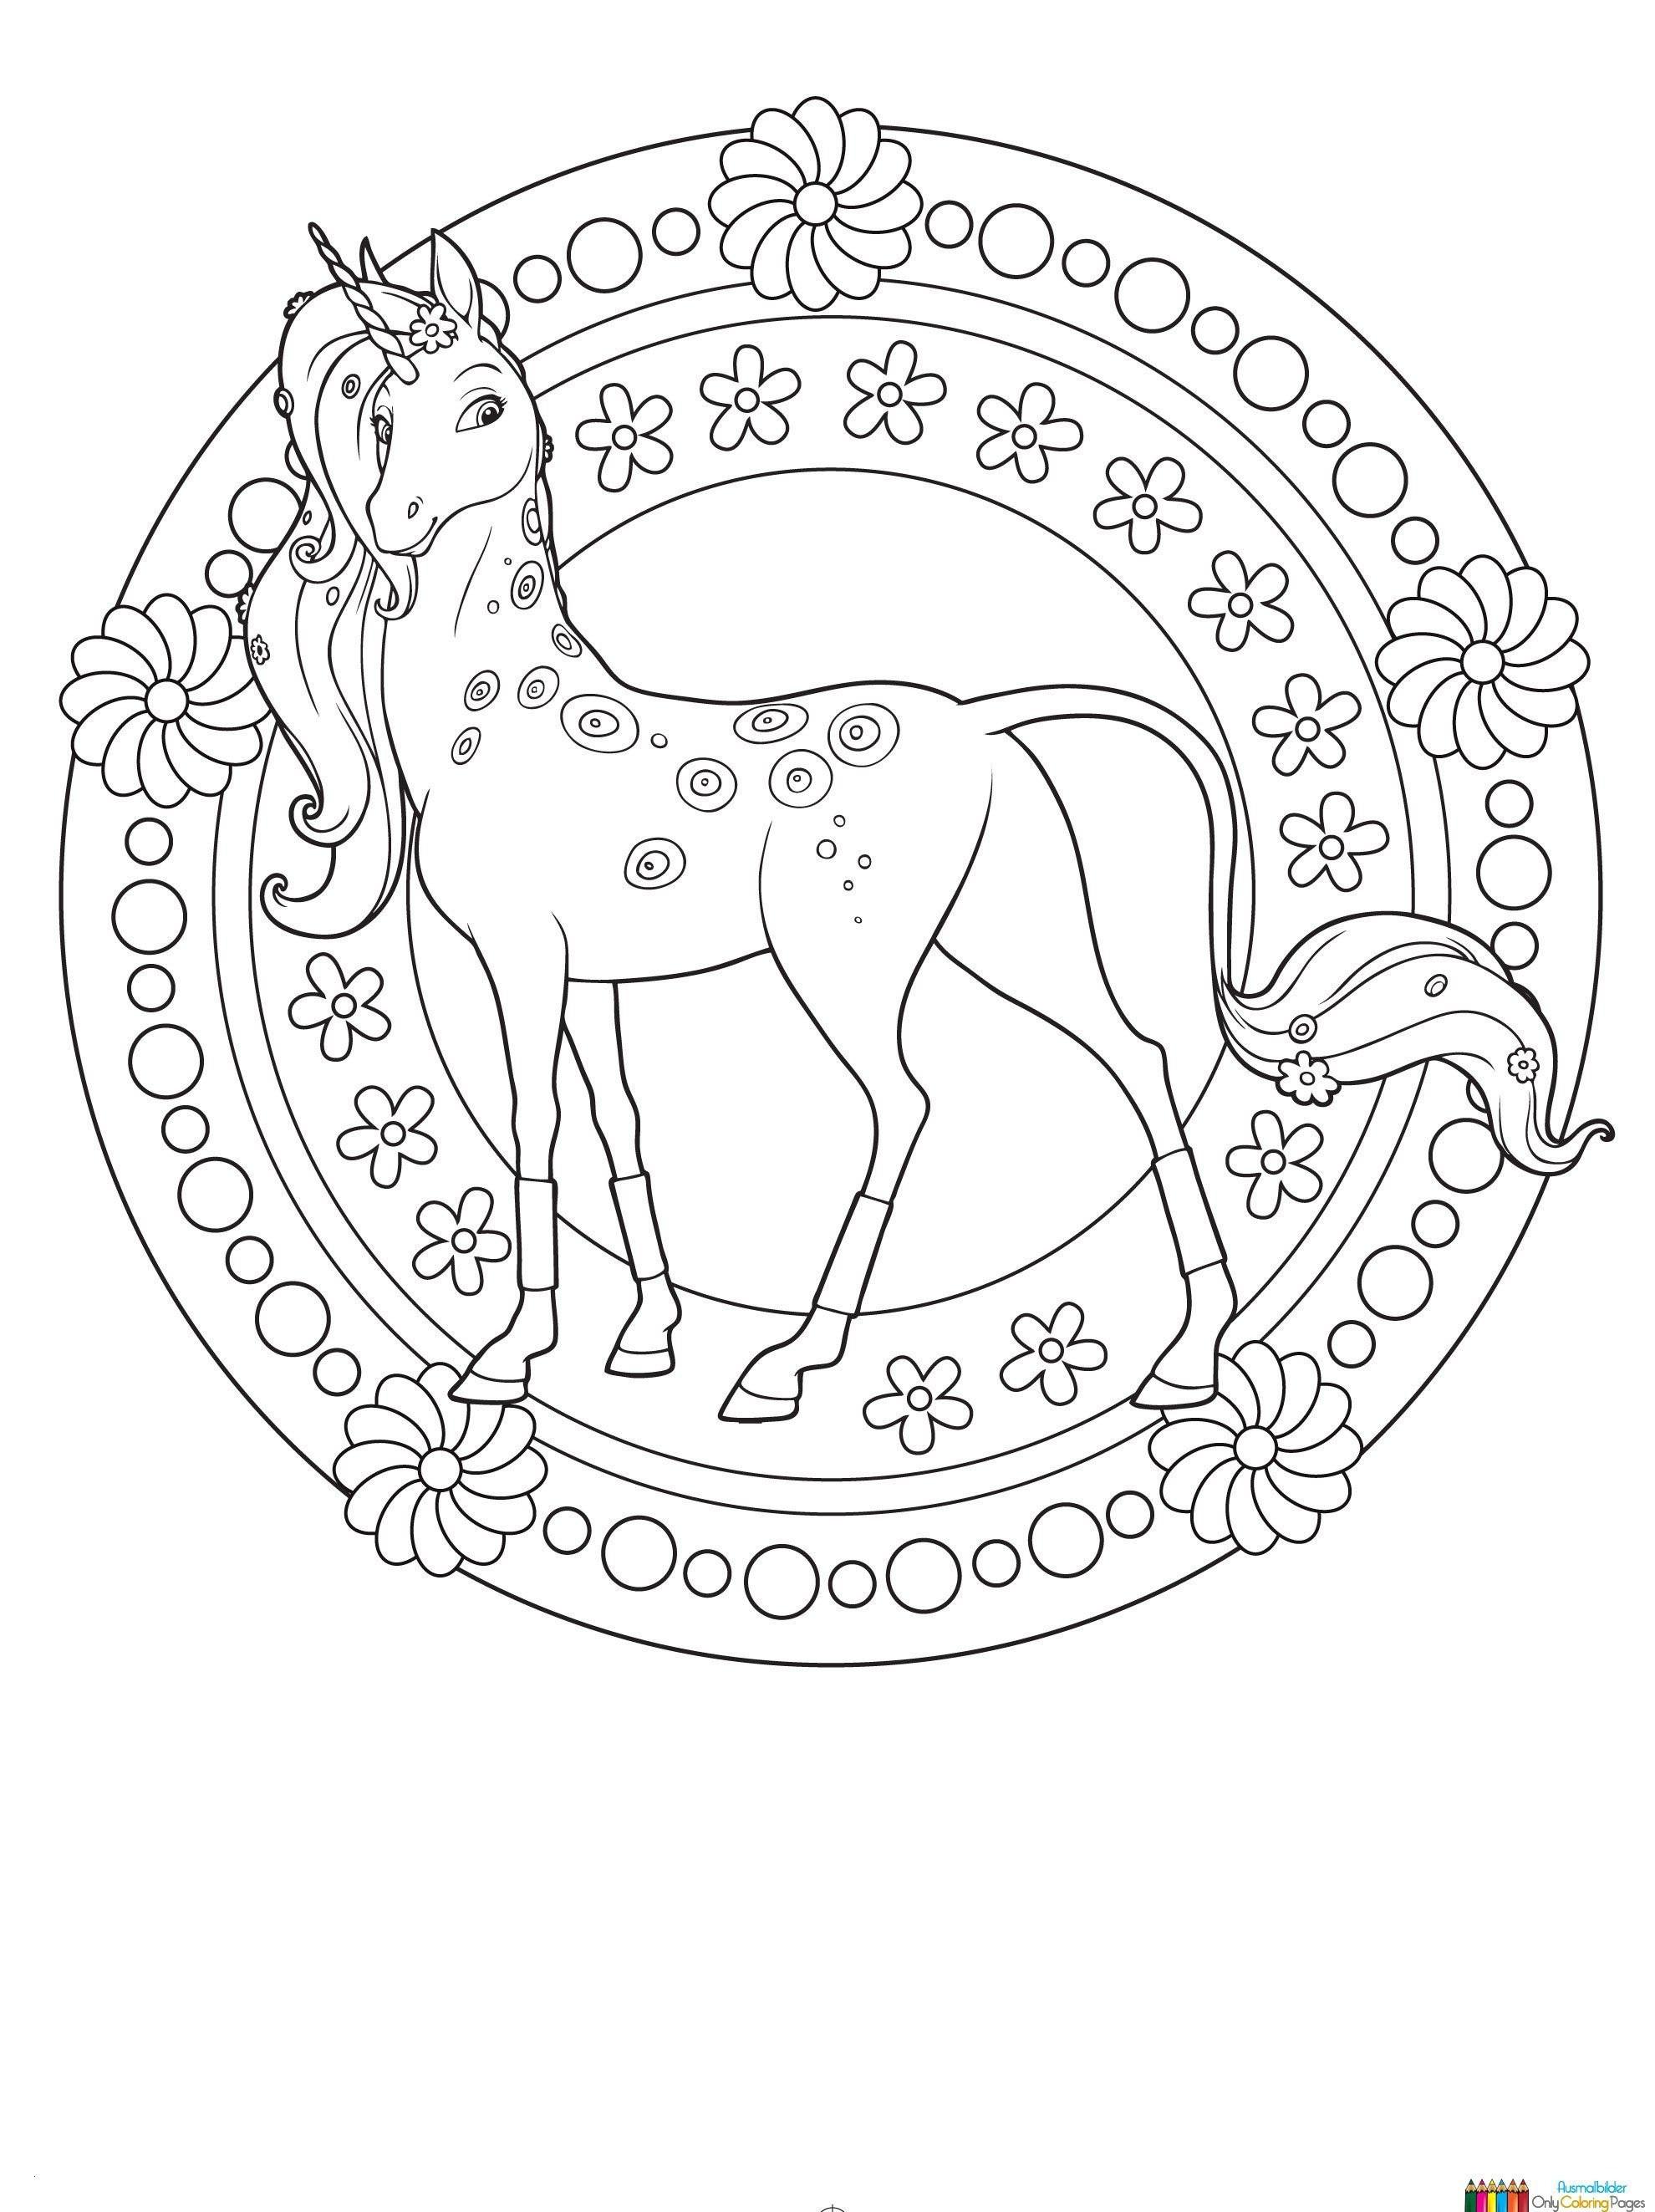 Pferde Ausmalbilder Mit Reiter Neu Ausmalbilder Reiter Luxury 25 Erstaunlich Ausmalbilder Tiere Bild